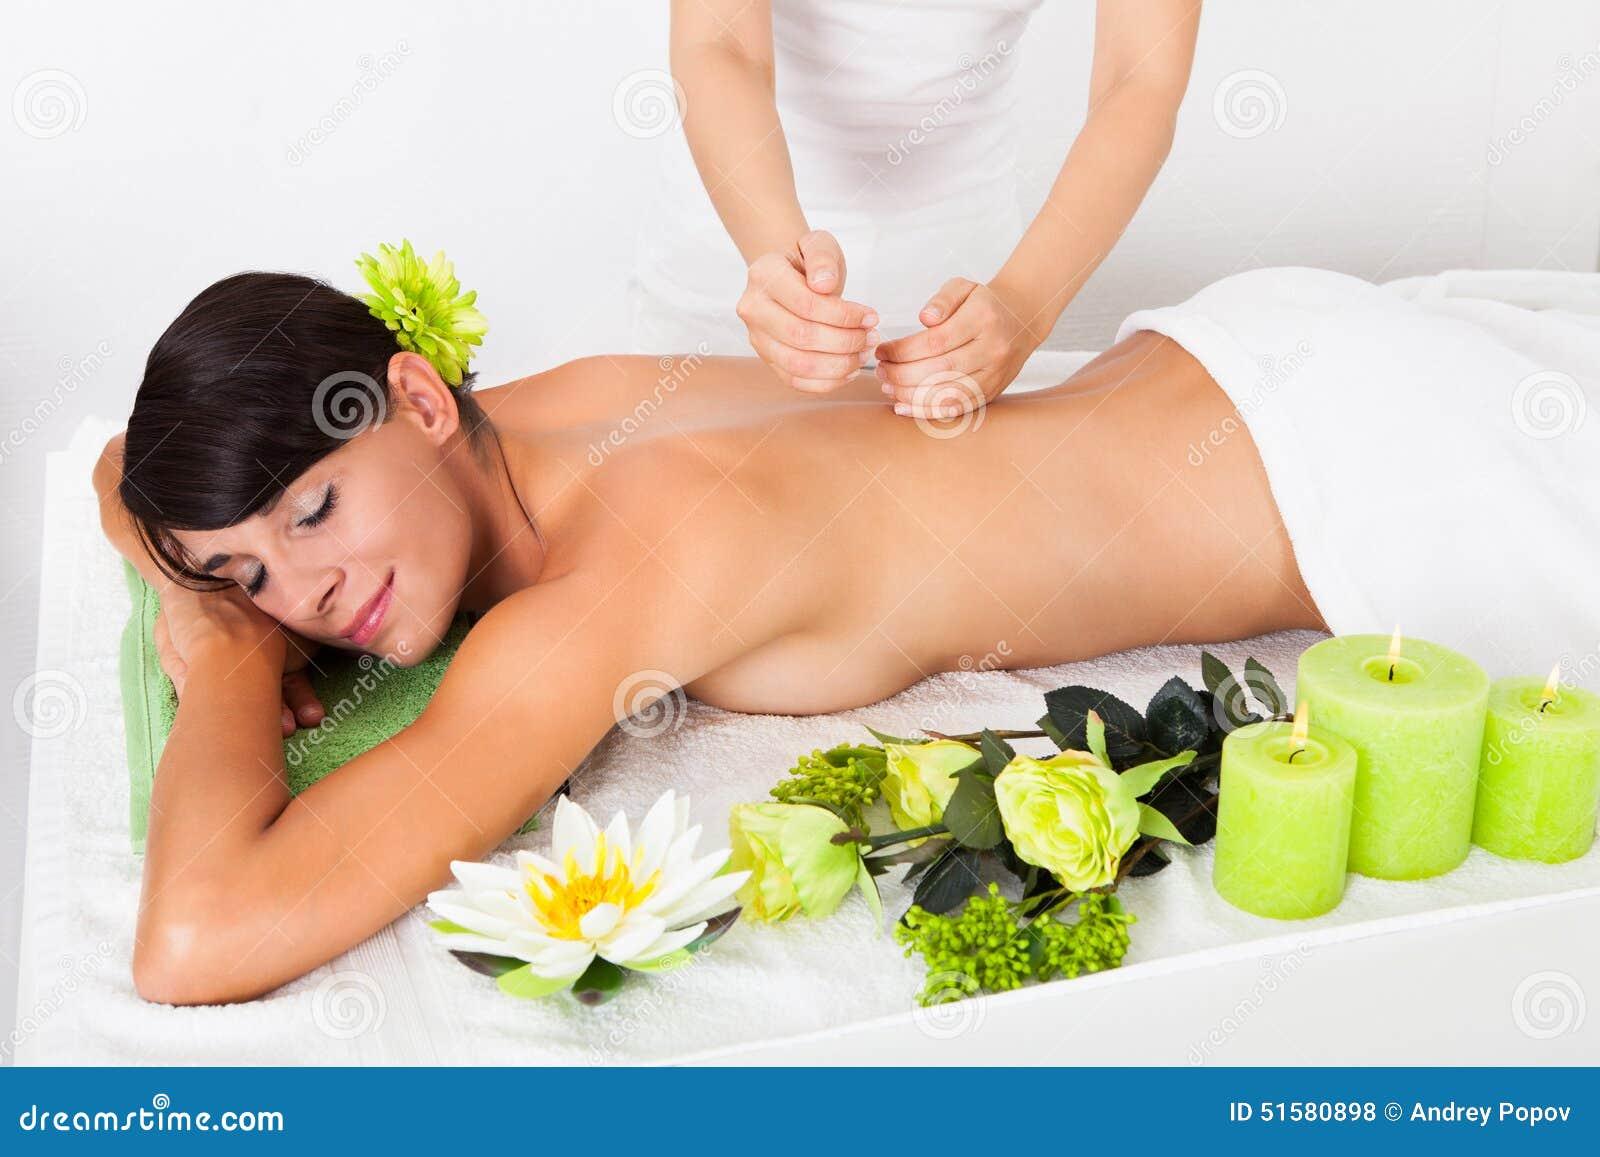 Фото женщин в массажном кабинете 2 фотография